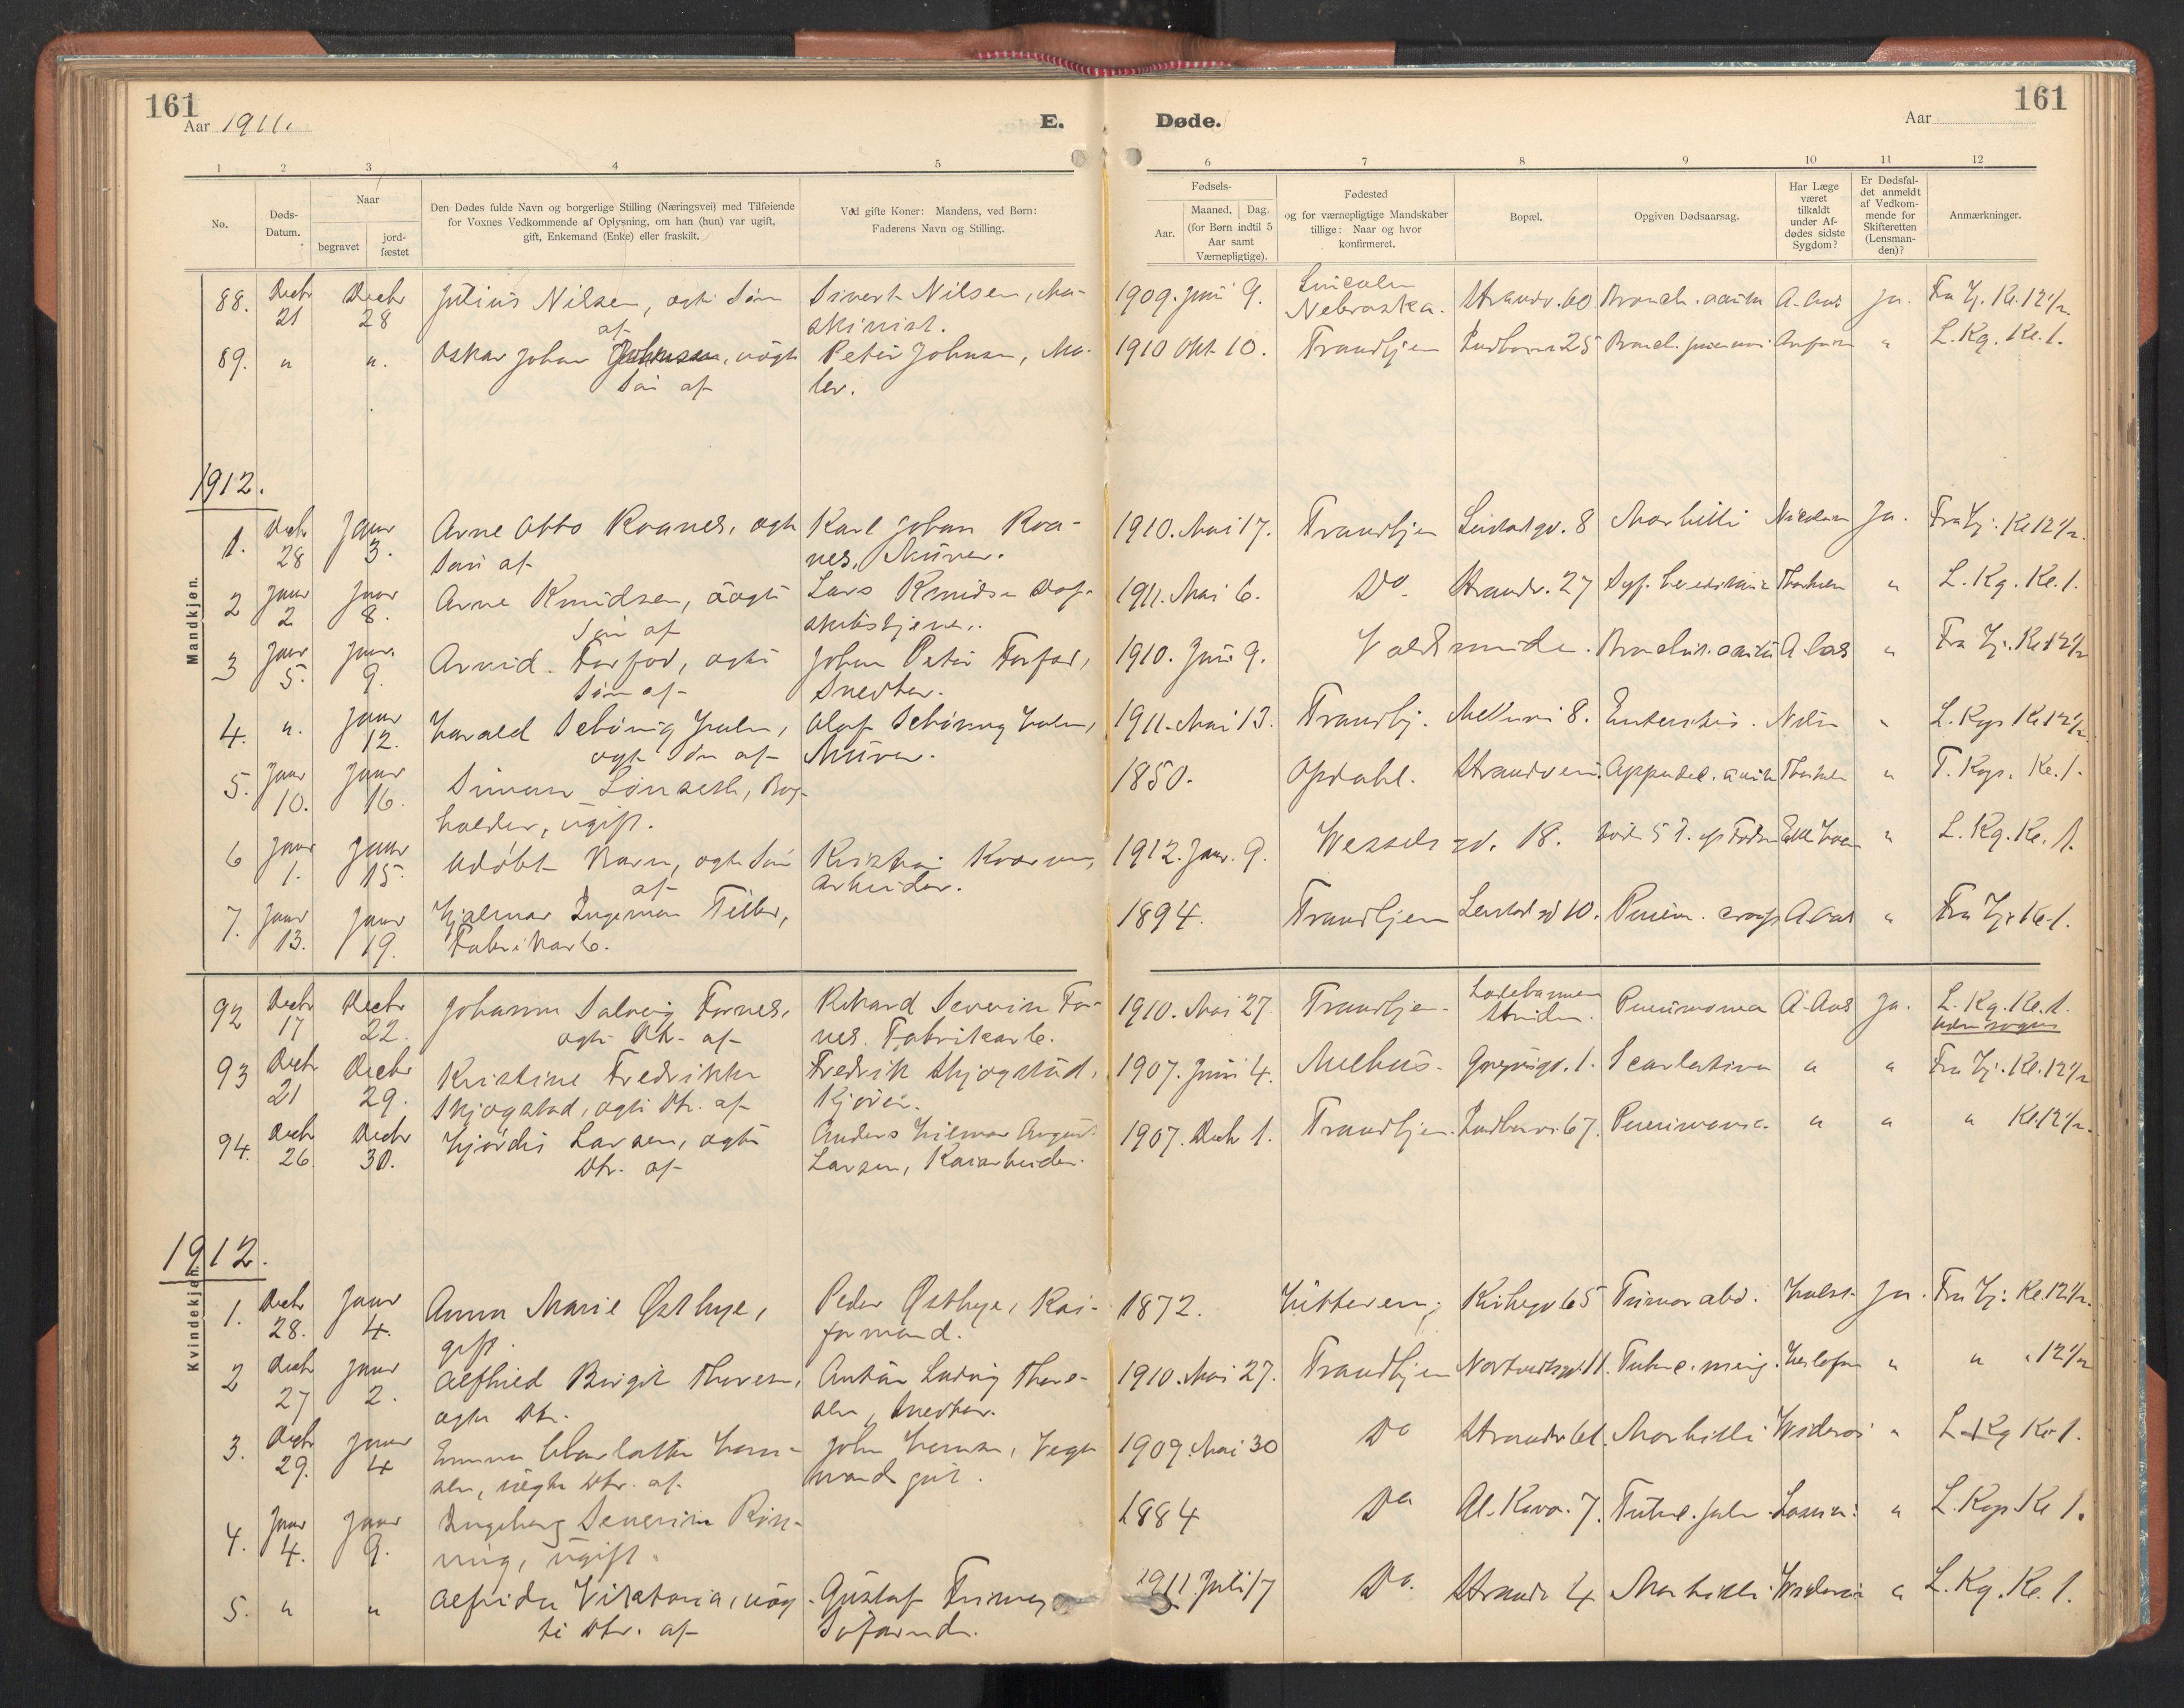 SAT, Ministerialprotokoller, klokkerbøker og fødselsregistre - Sør-Trøndelag, 605/L0244: Ministerialbok nr. 605A06, 1908-1954, s. 161